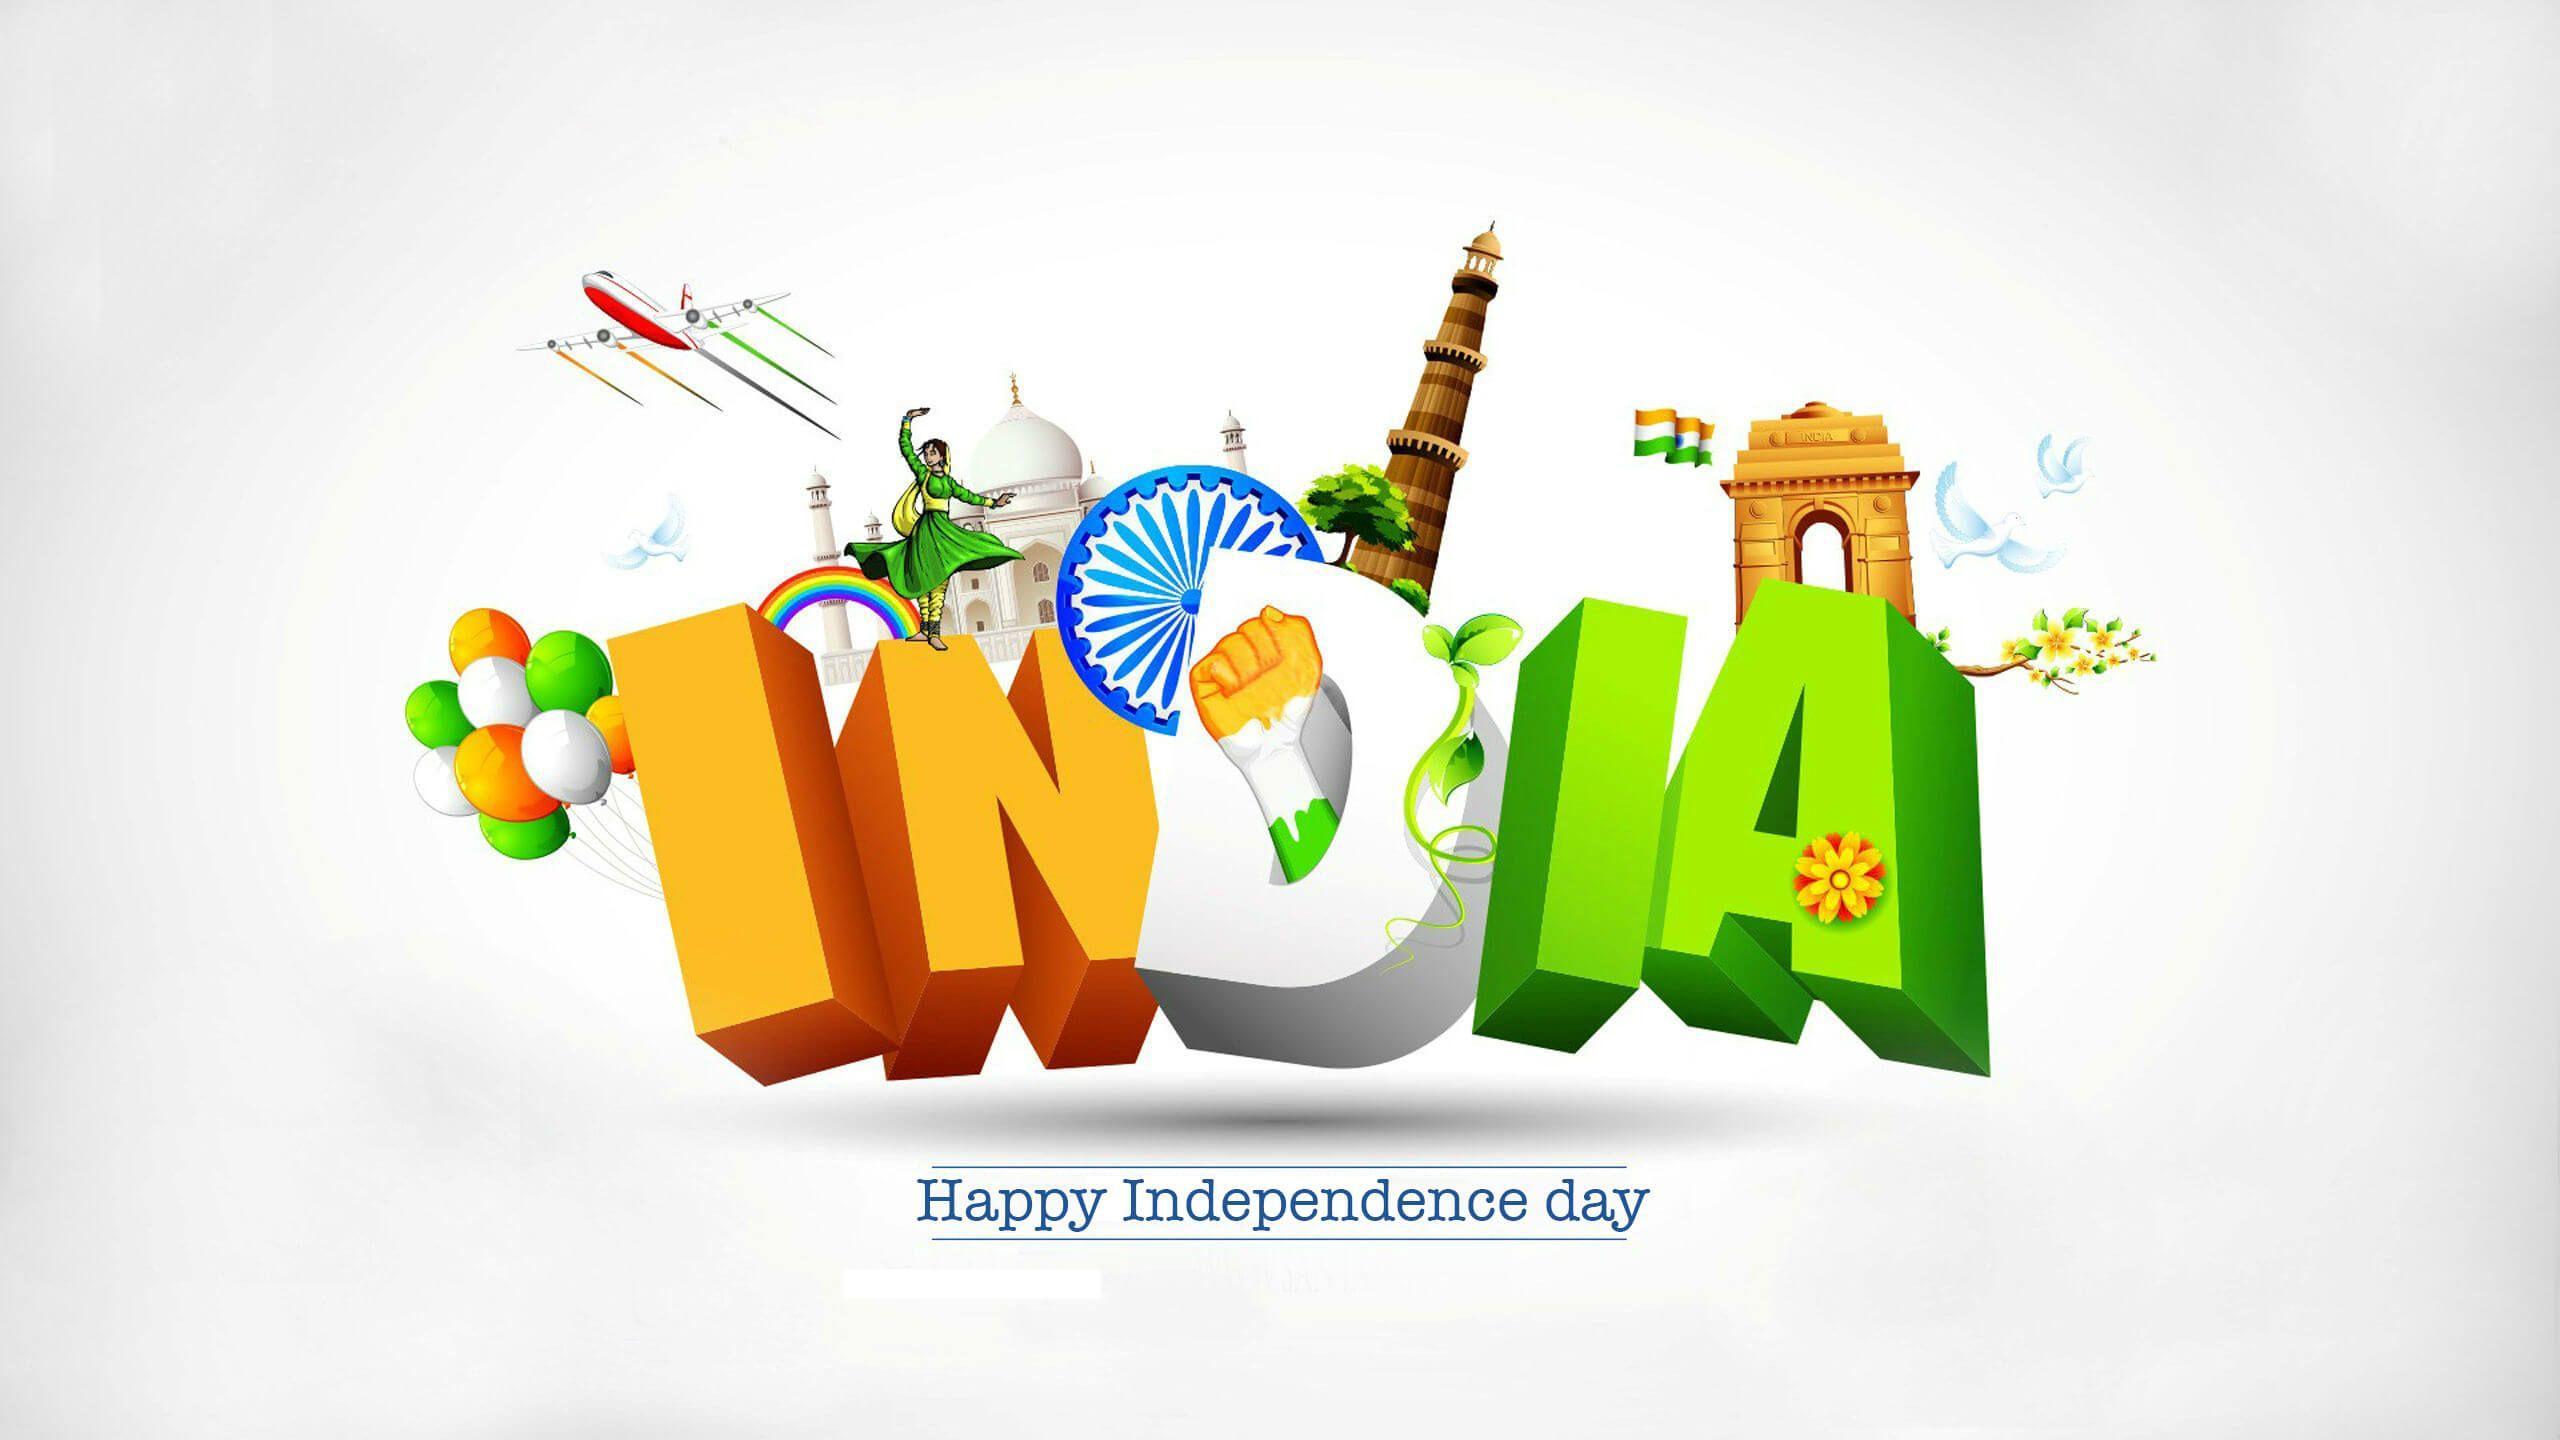 Hình nền yêu nước 2560x1440 & Lời chúc mừng ngày quốc khánh cho điện thoại di động của bạn